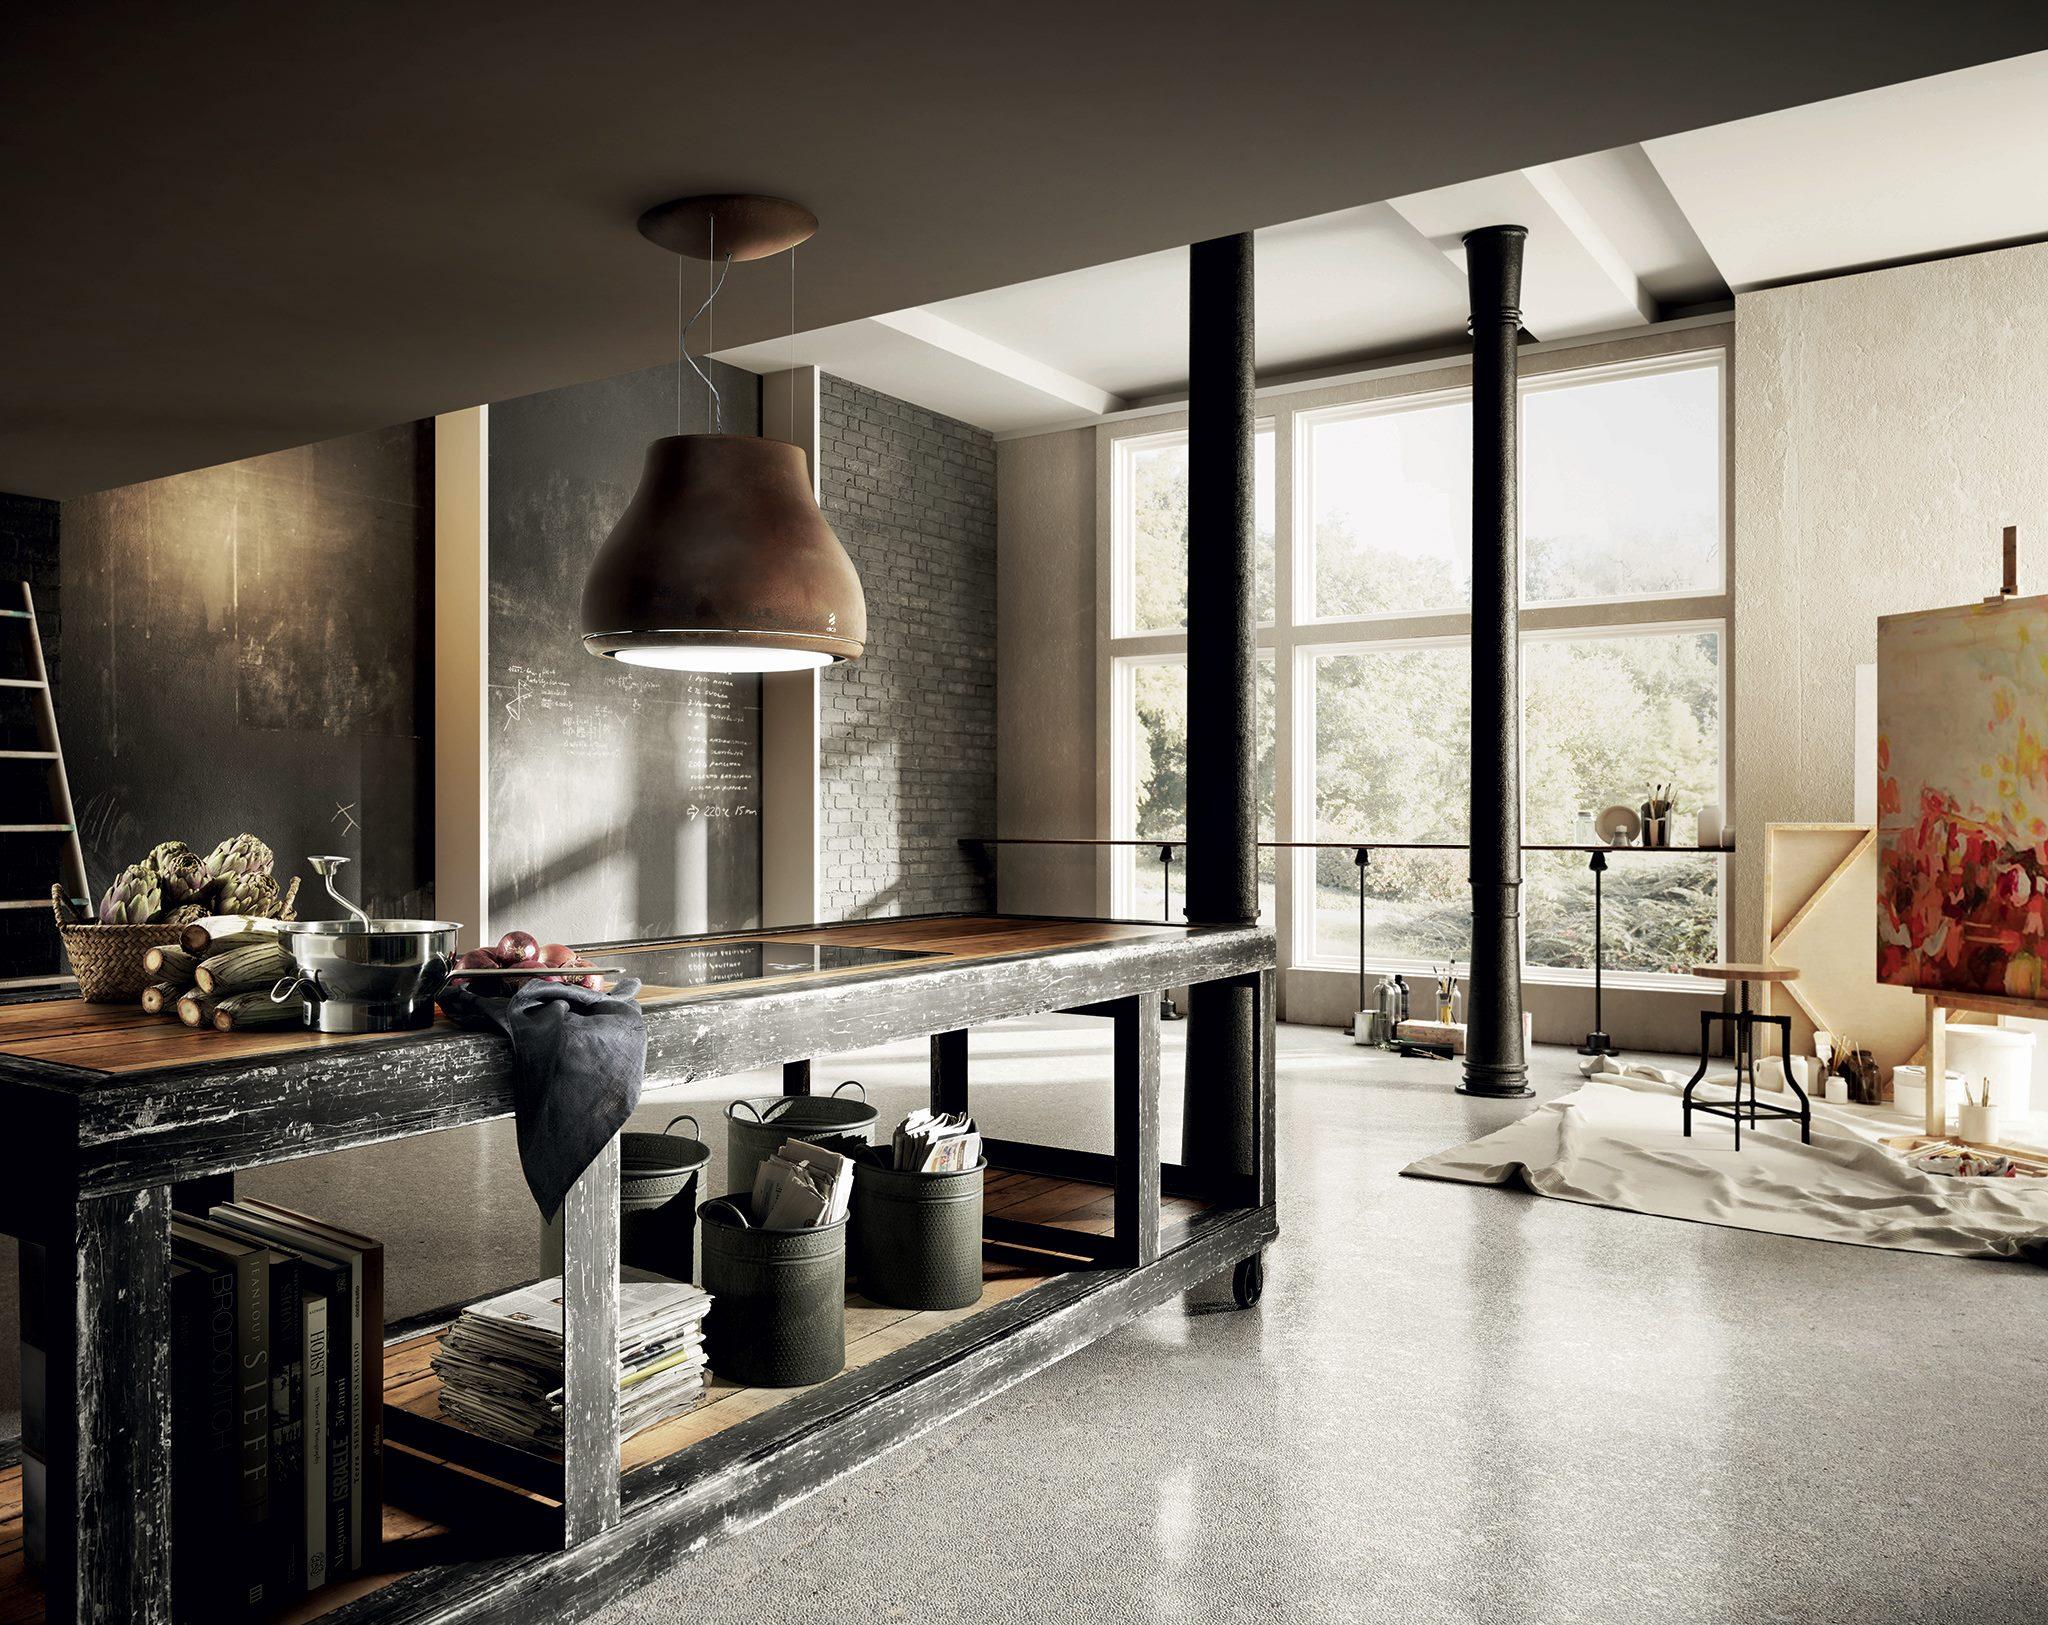 Cocinas exclusivas joma - Muebles de cocina a medida madrid ...